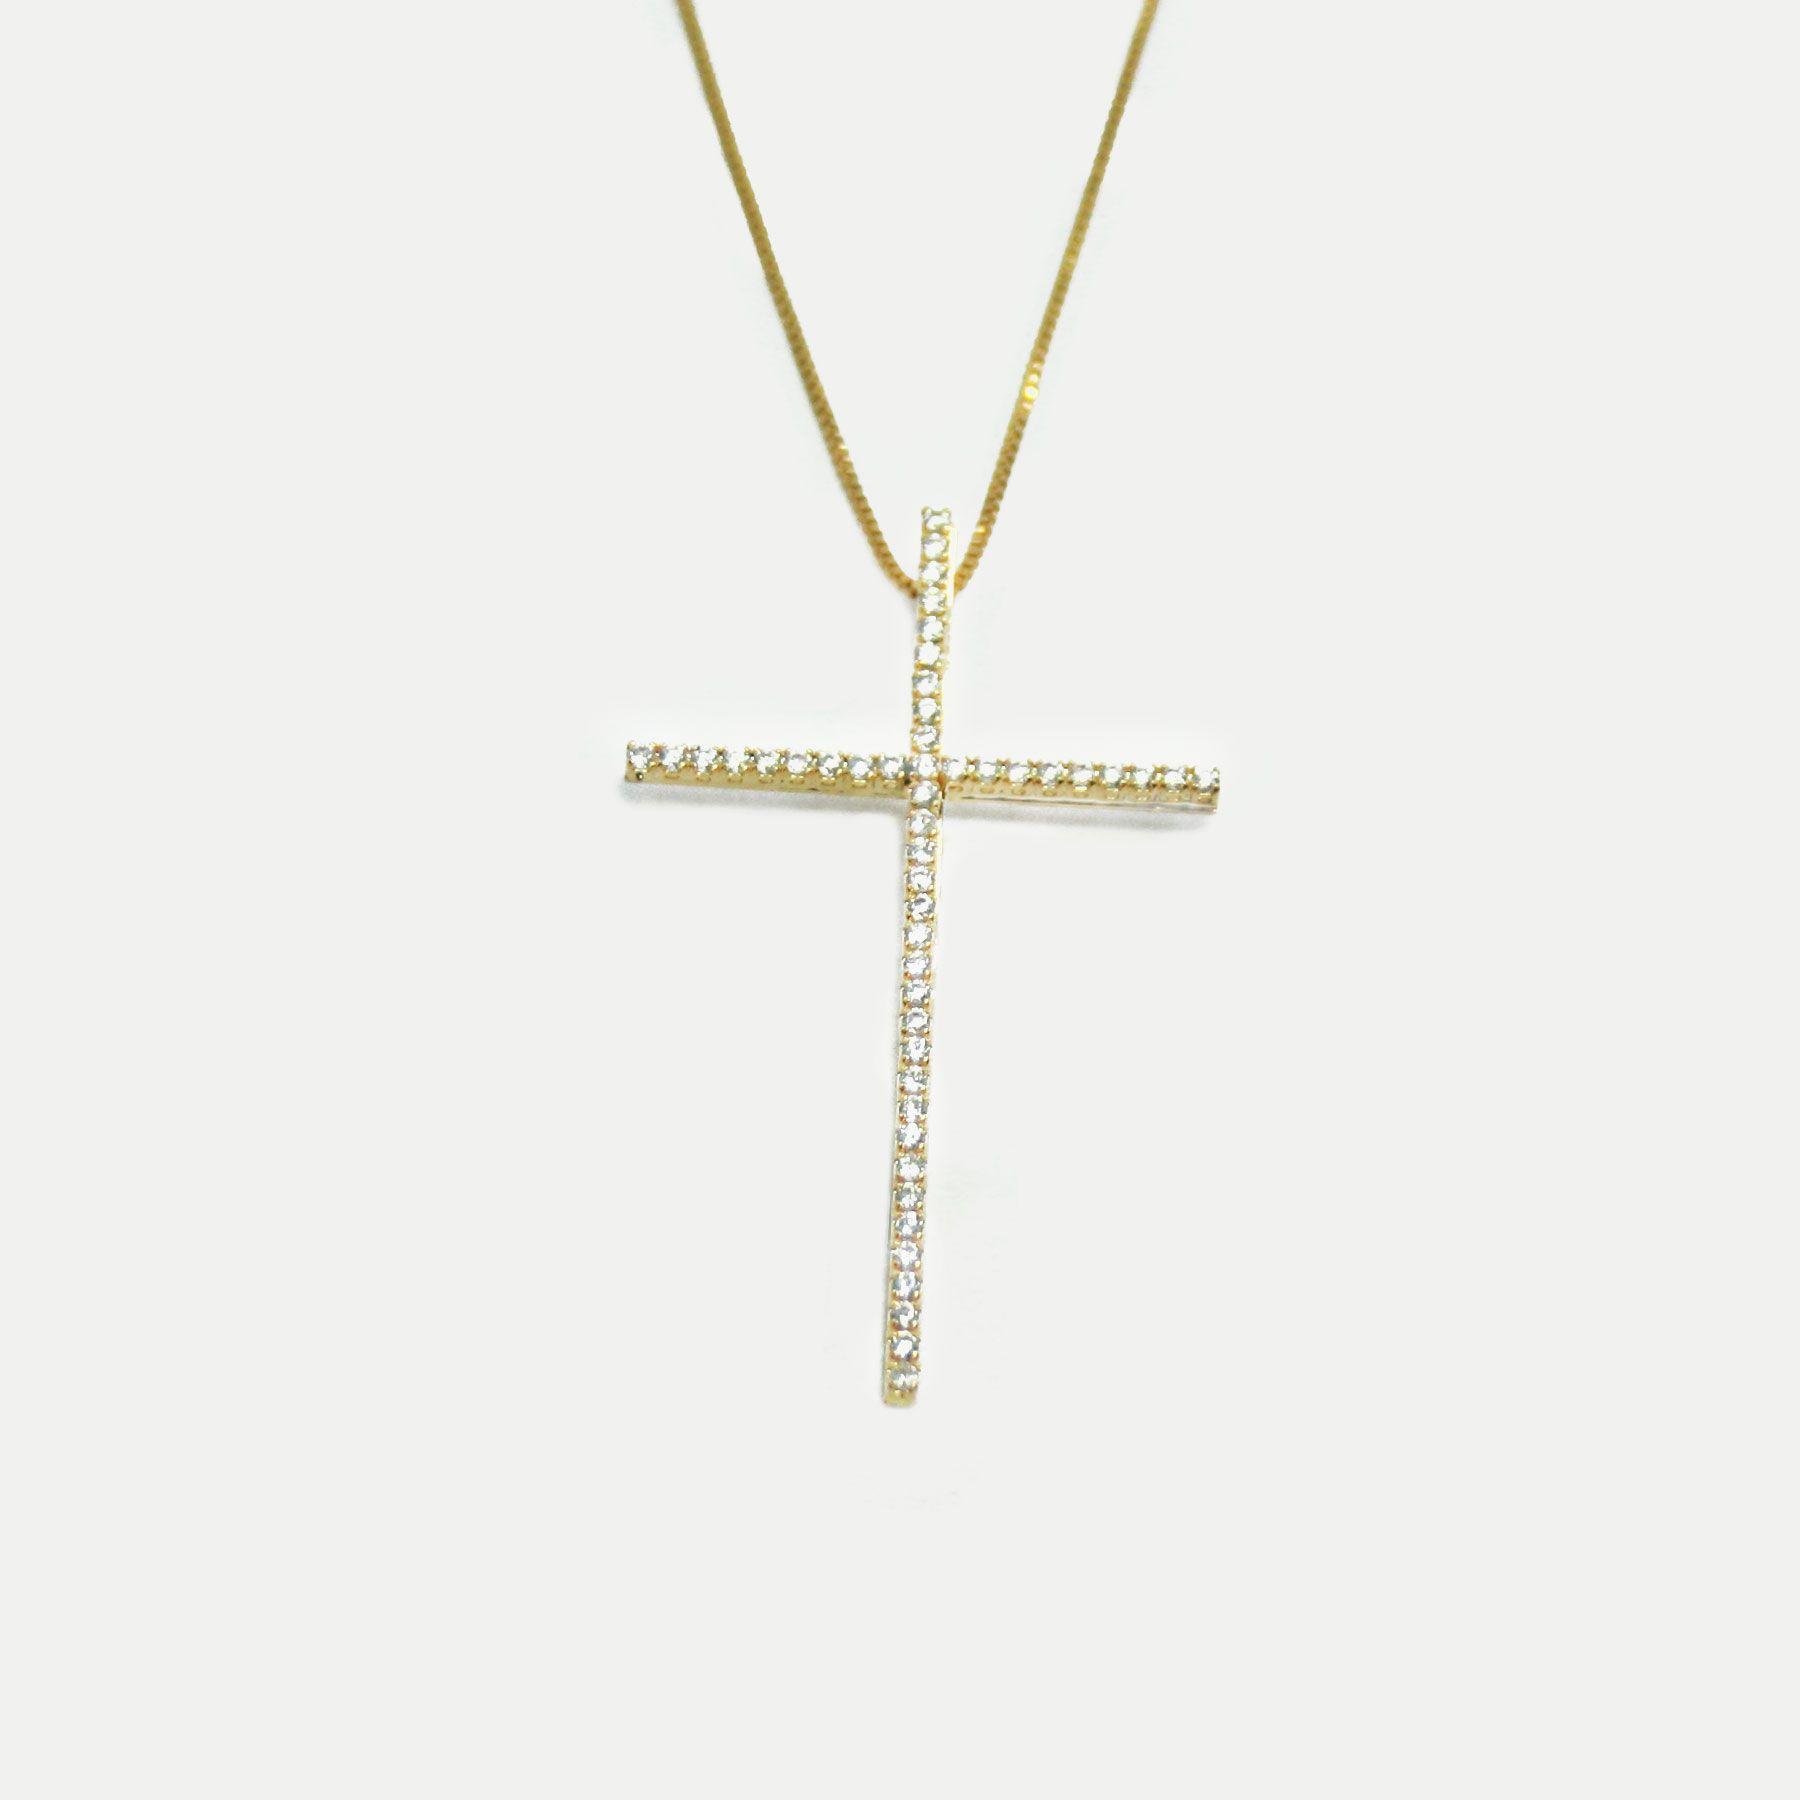 Colar Crucifixo Cravejado em Zircônias Cristal Banhado em Ouro 18k